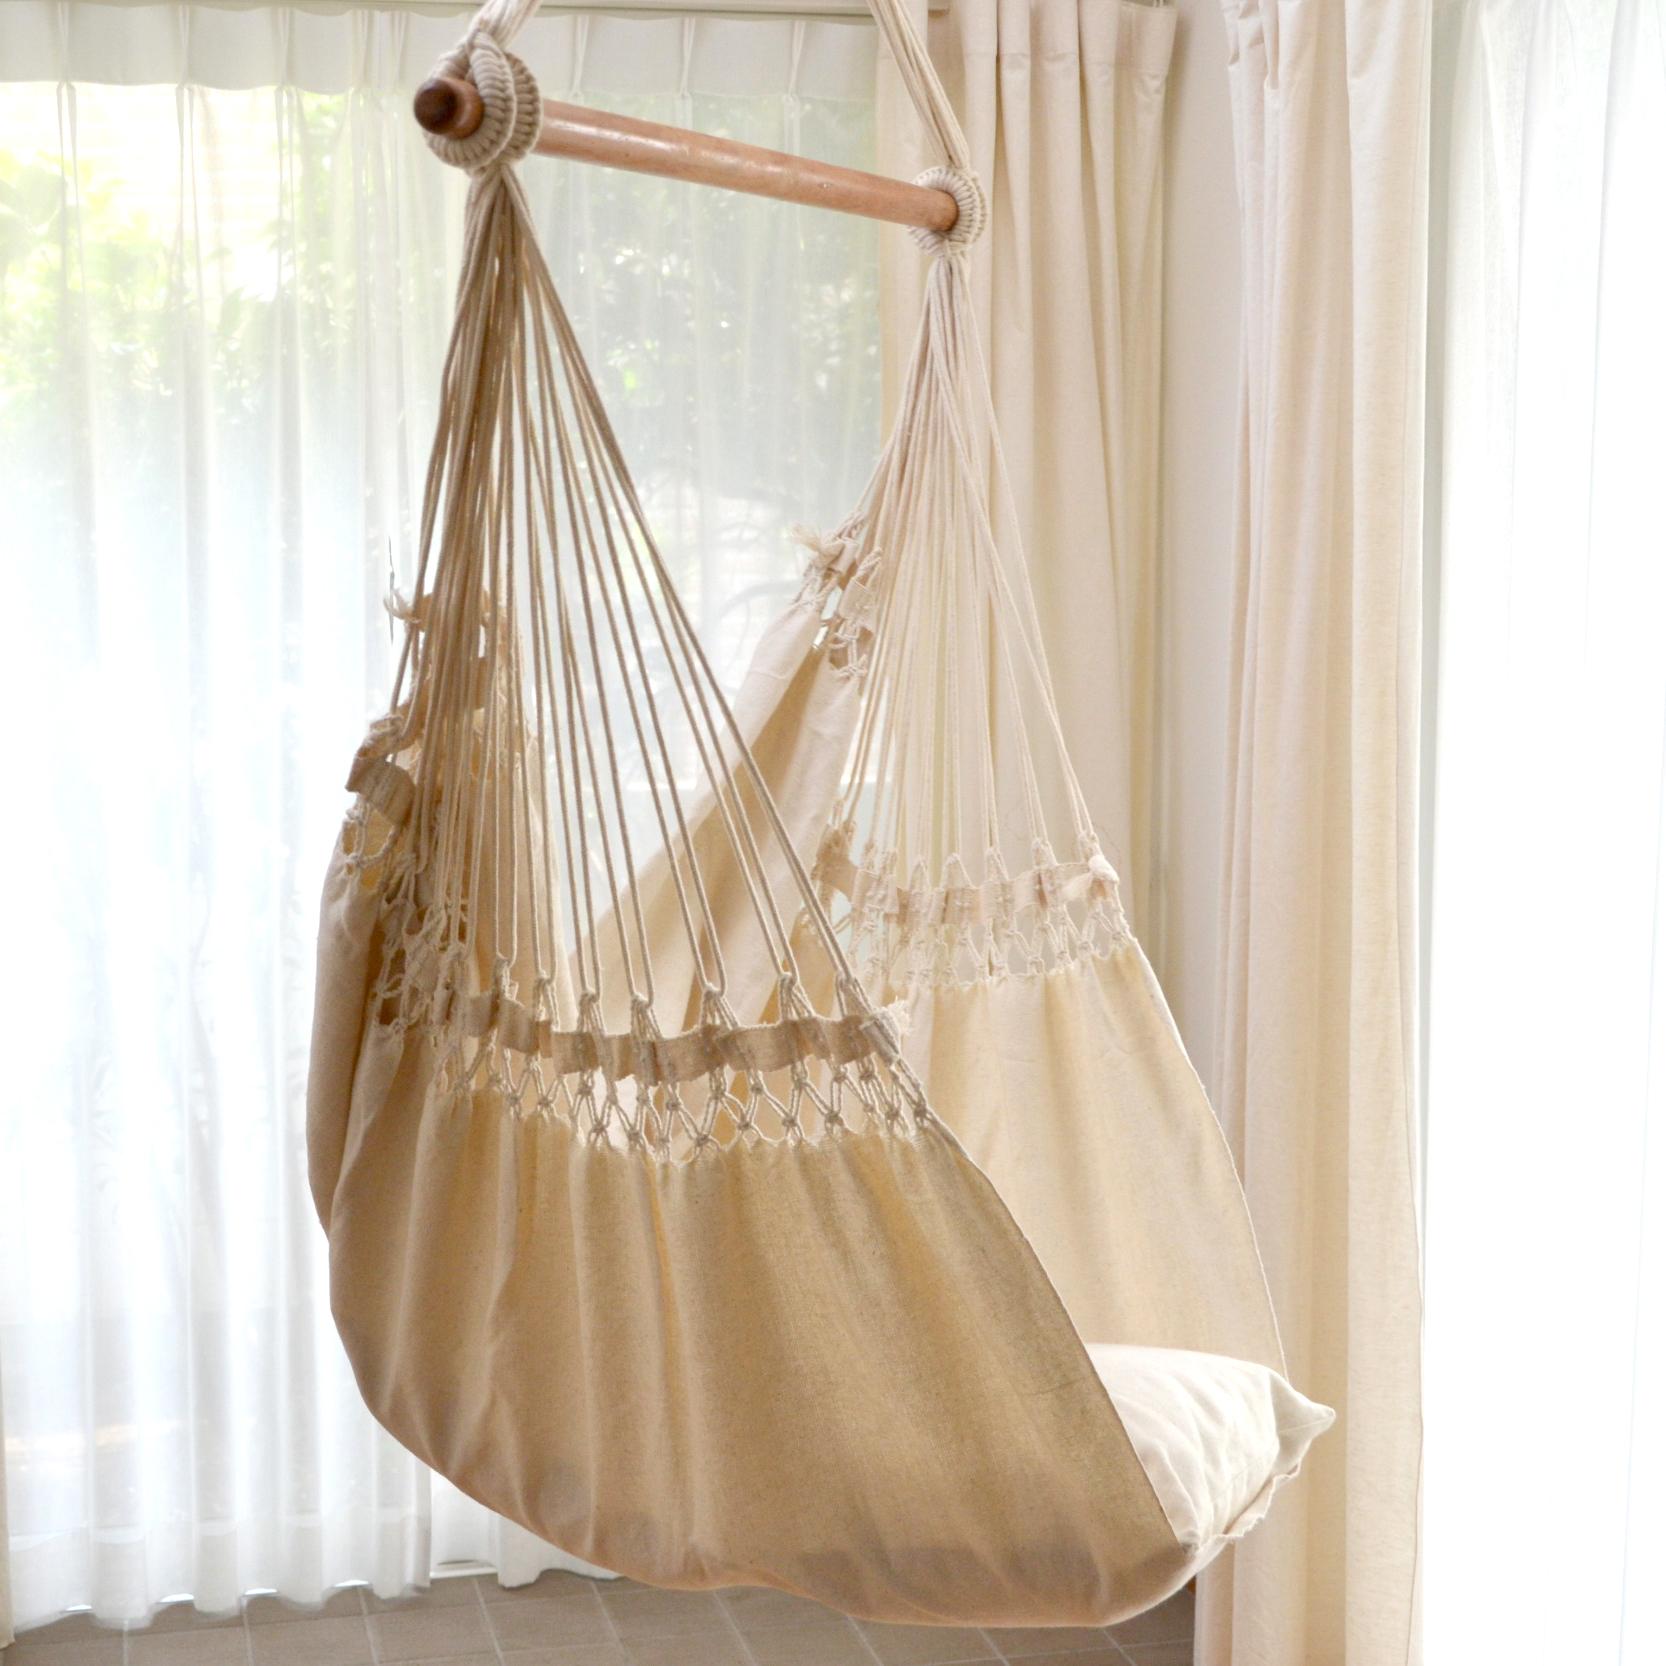 ブラジリアンチェアハンモック(布タイプ) オフホワイト・マクラメ編み